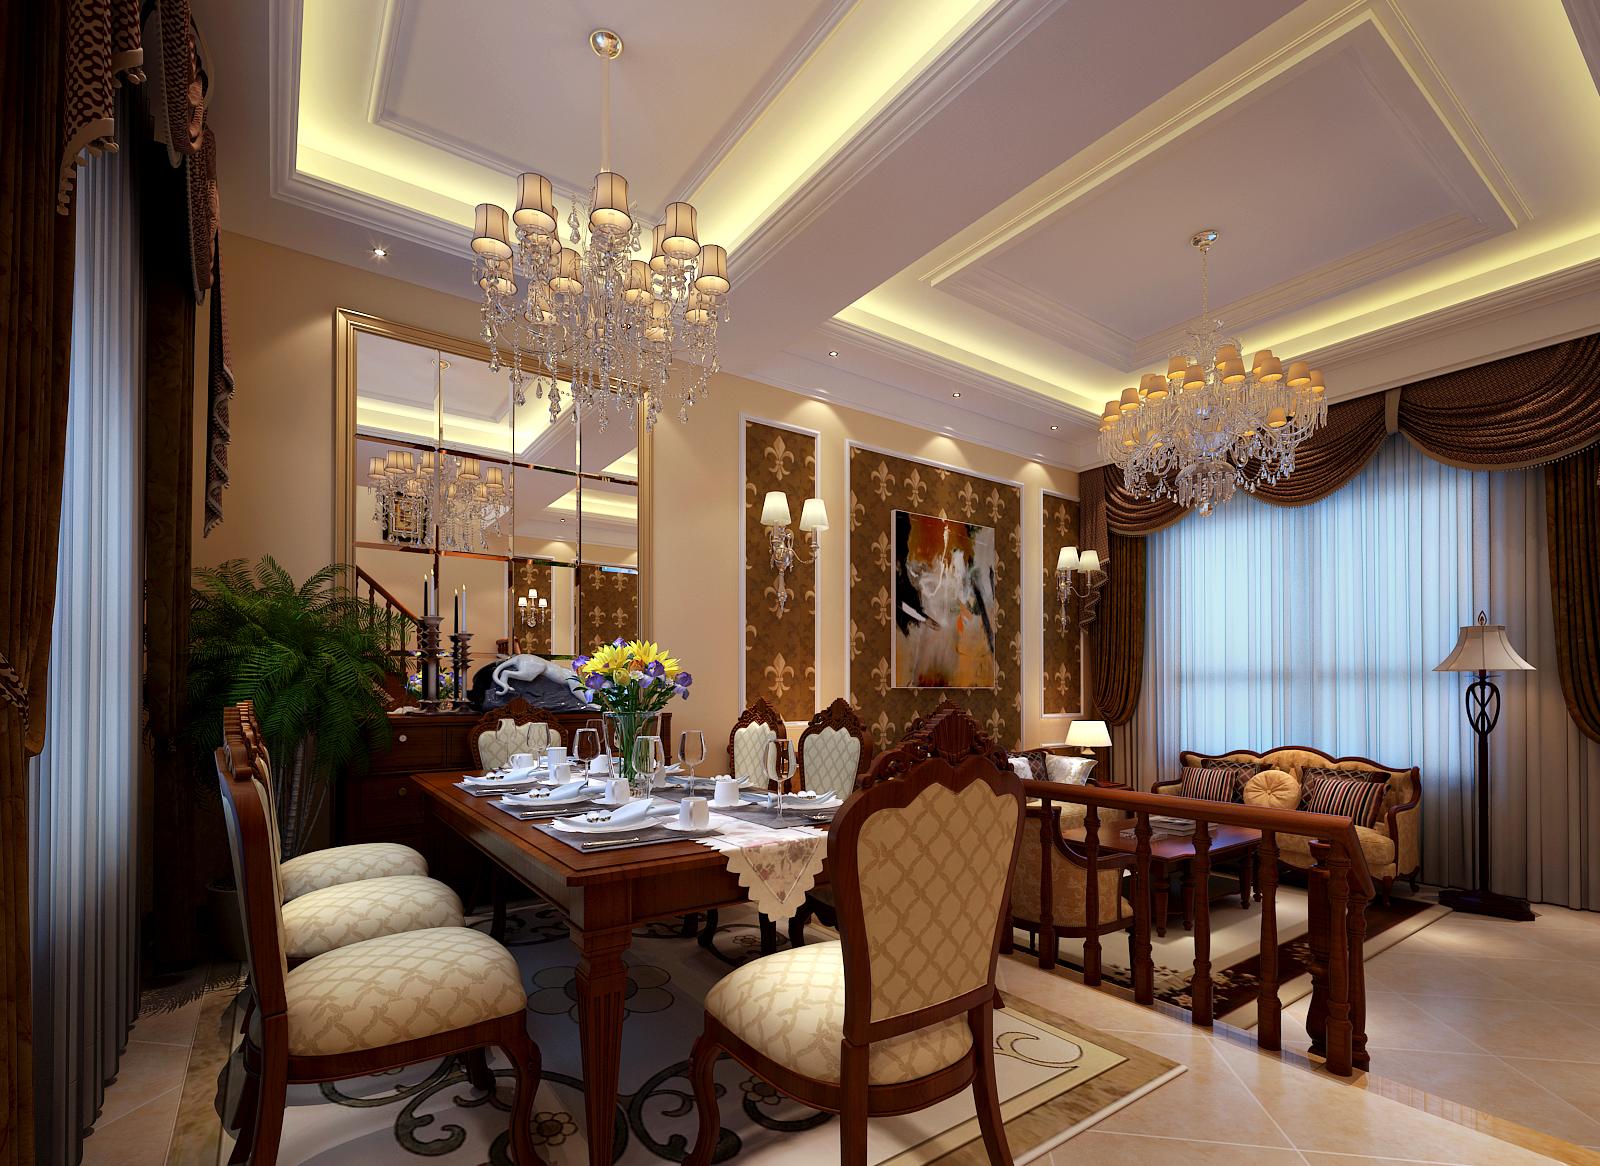 美式风格 装修效果图 别墅装修 别墅 实创装饰 实创 美式乡村 美式 旧房改造 餐厅图片来自北京实创装饰在42万装修240平米美式风格的分享